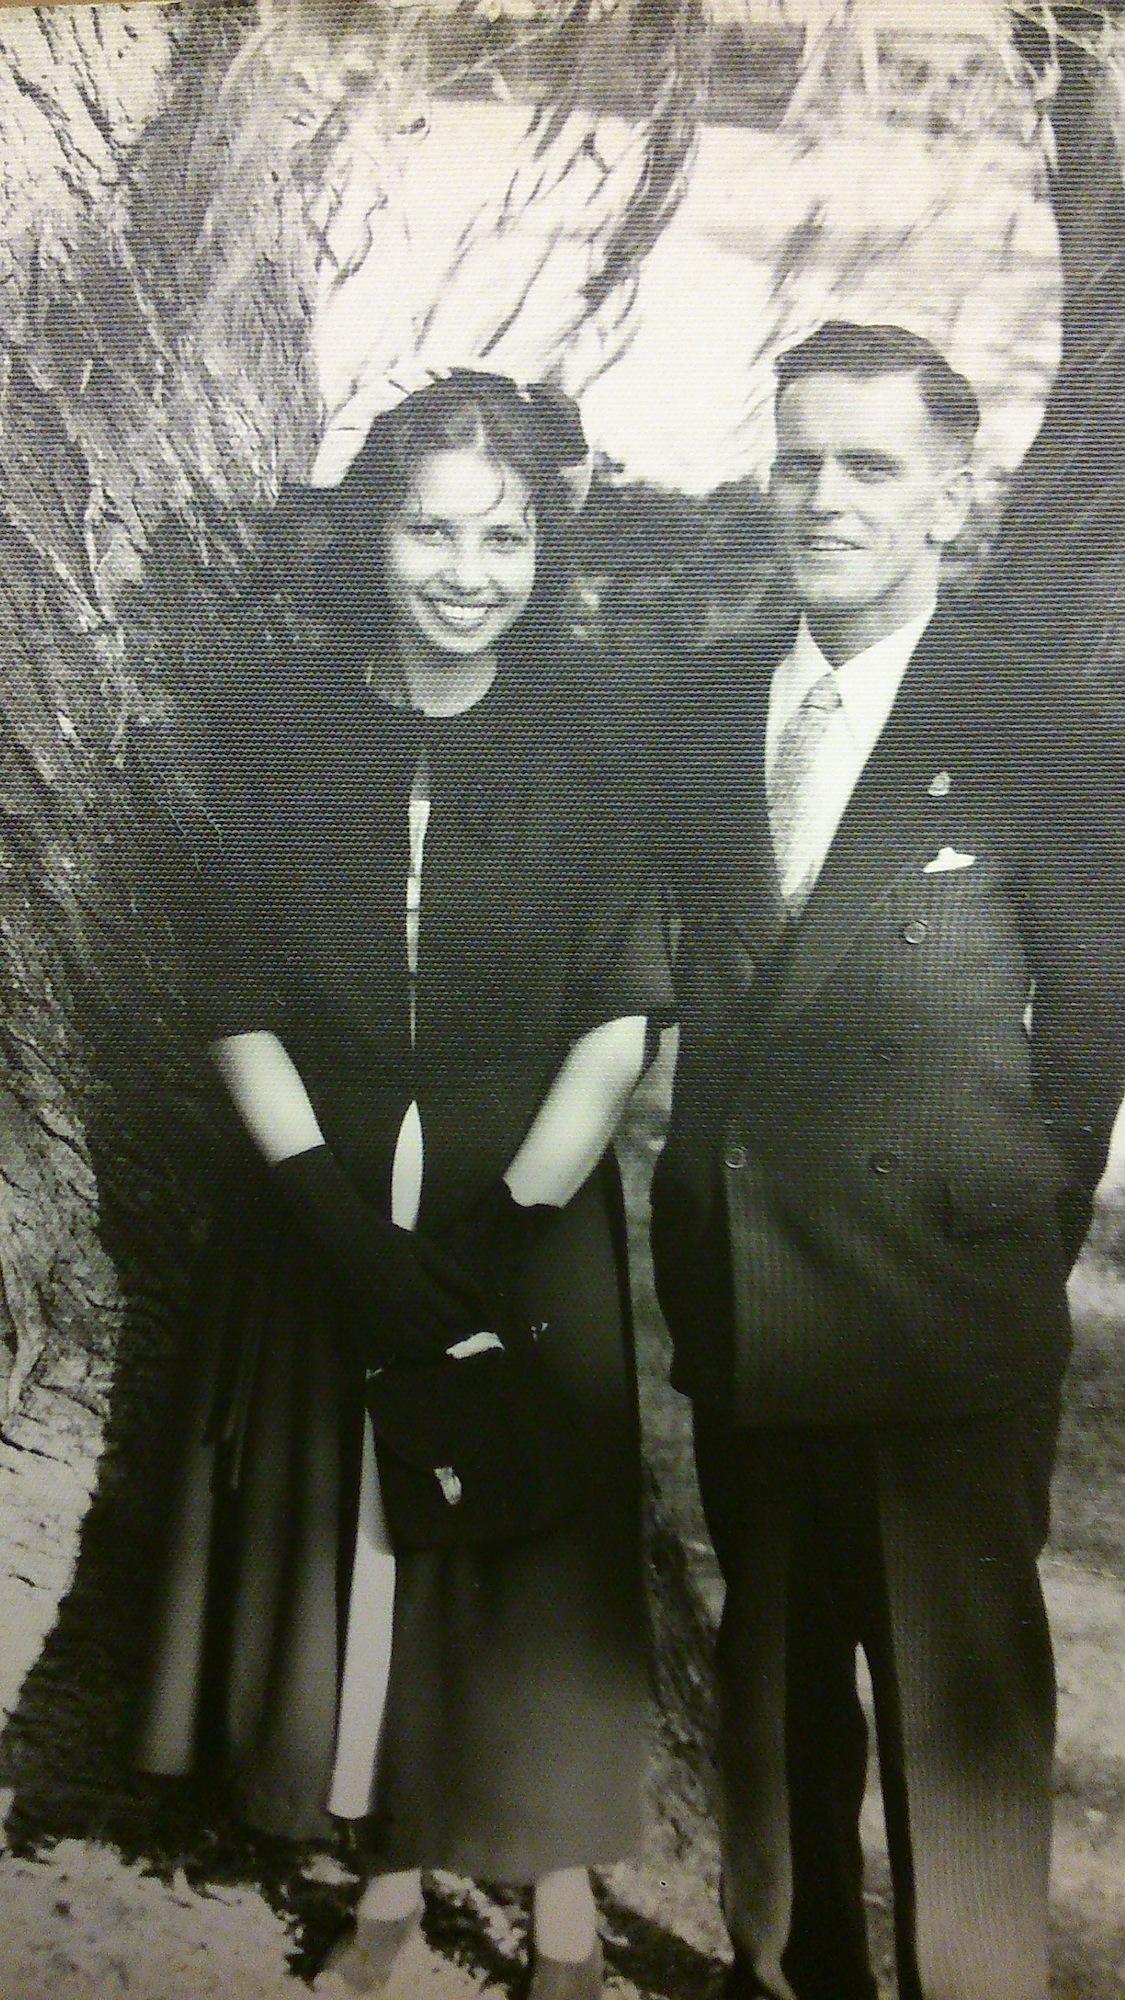 Photo of Des and Donald Stuart